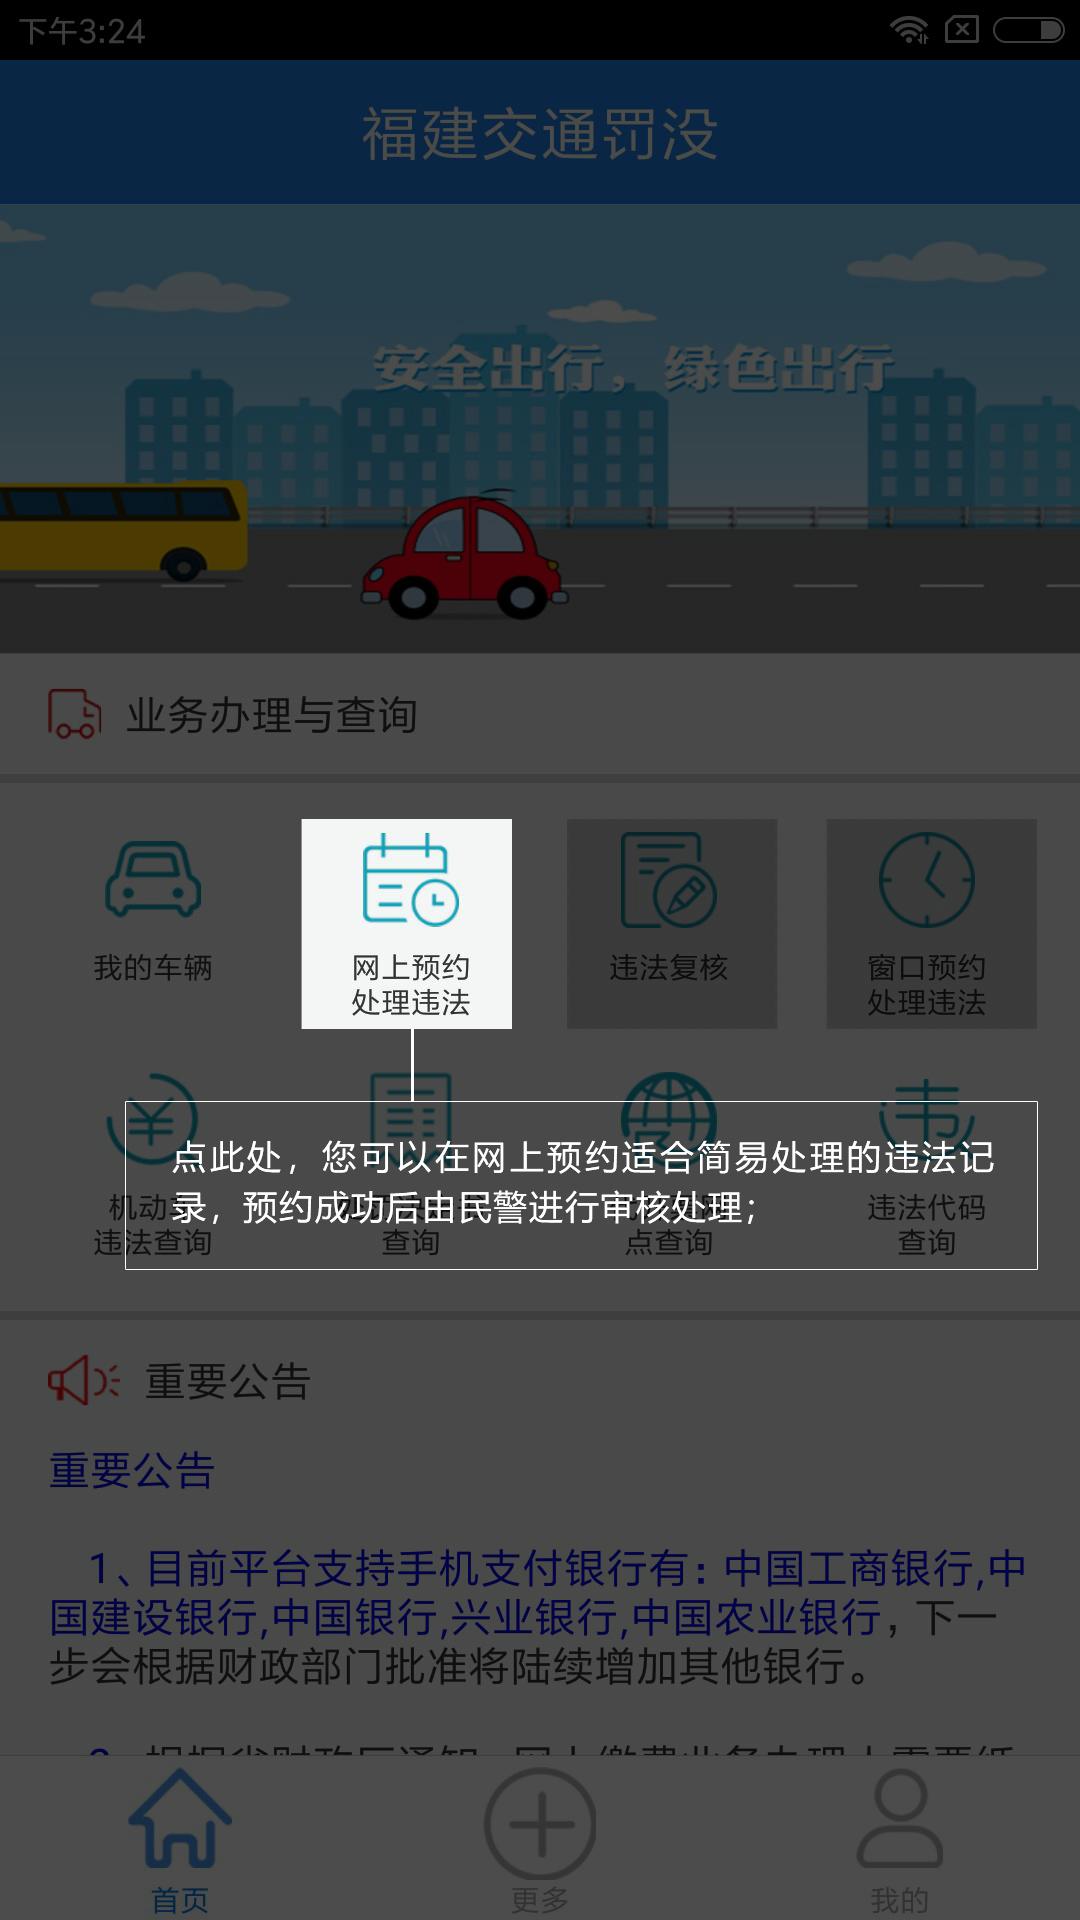 福建交通罚没app截图2